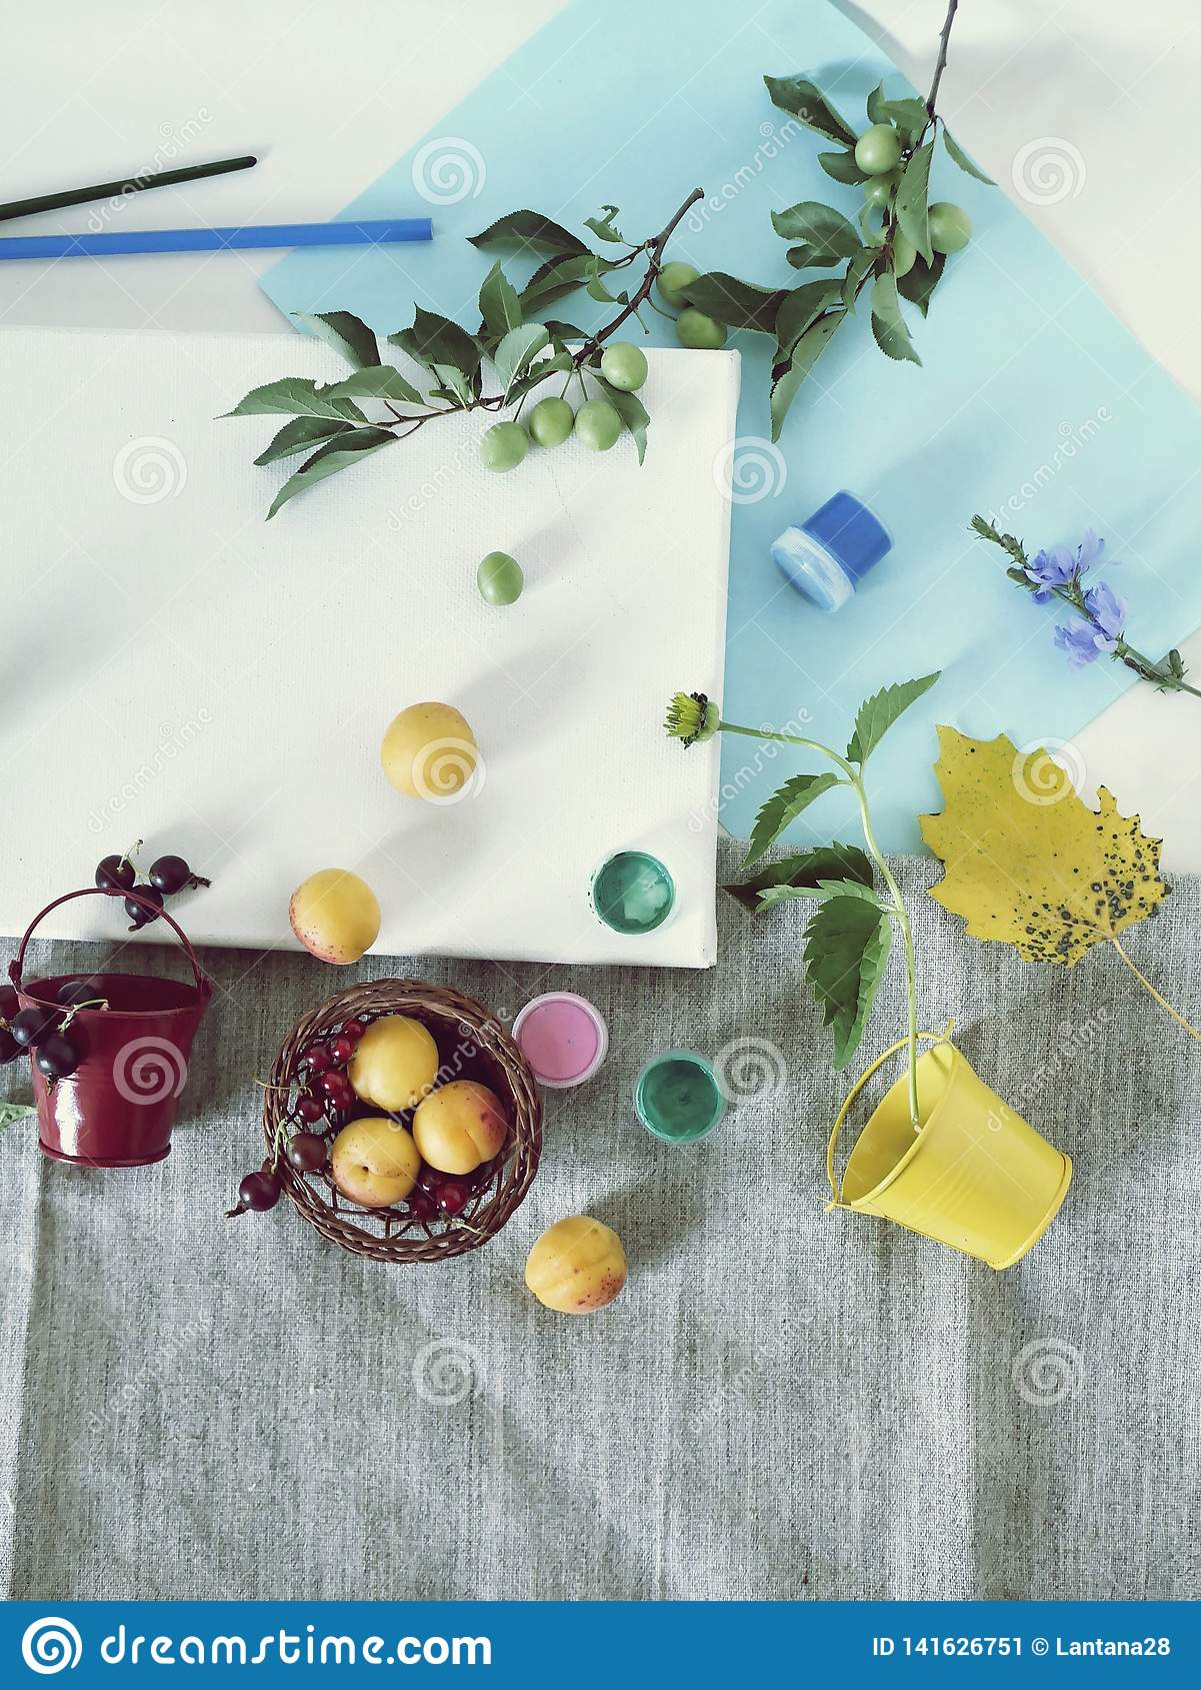 Matériaux d art, peintures, brosses, crayons colorés, toile blanche, fleurs et fruits sur un fond clair, vue supérieure, concept